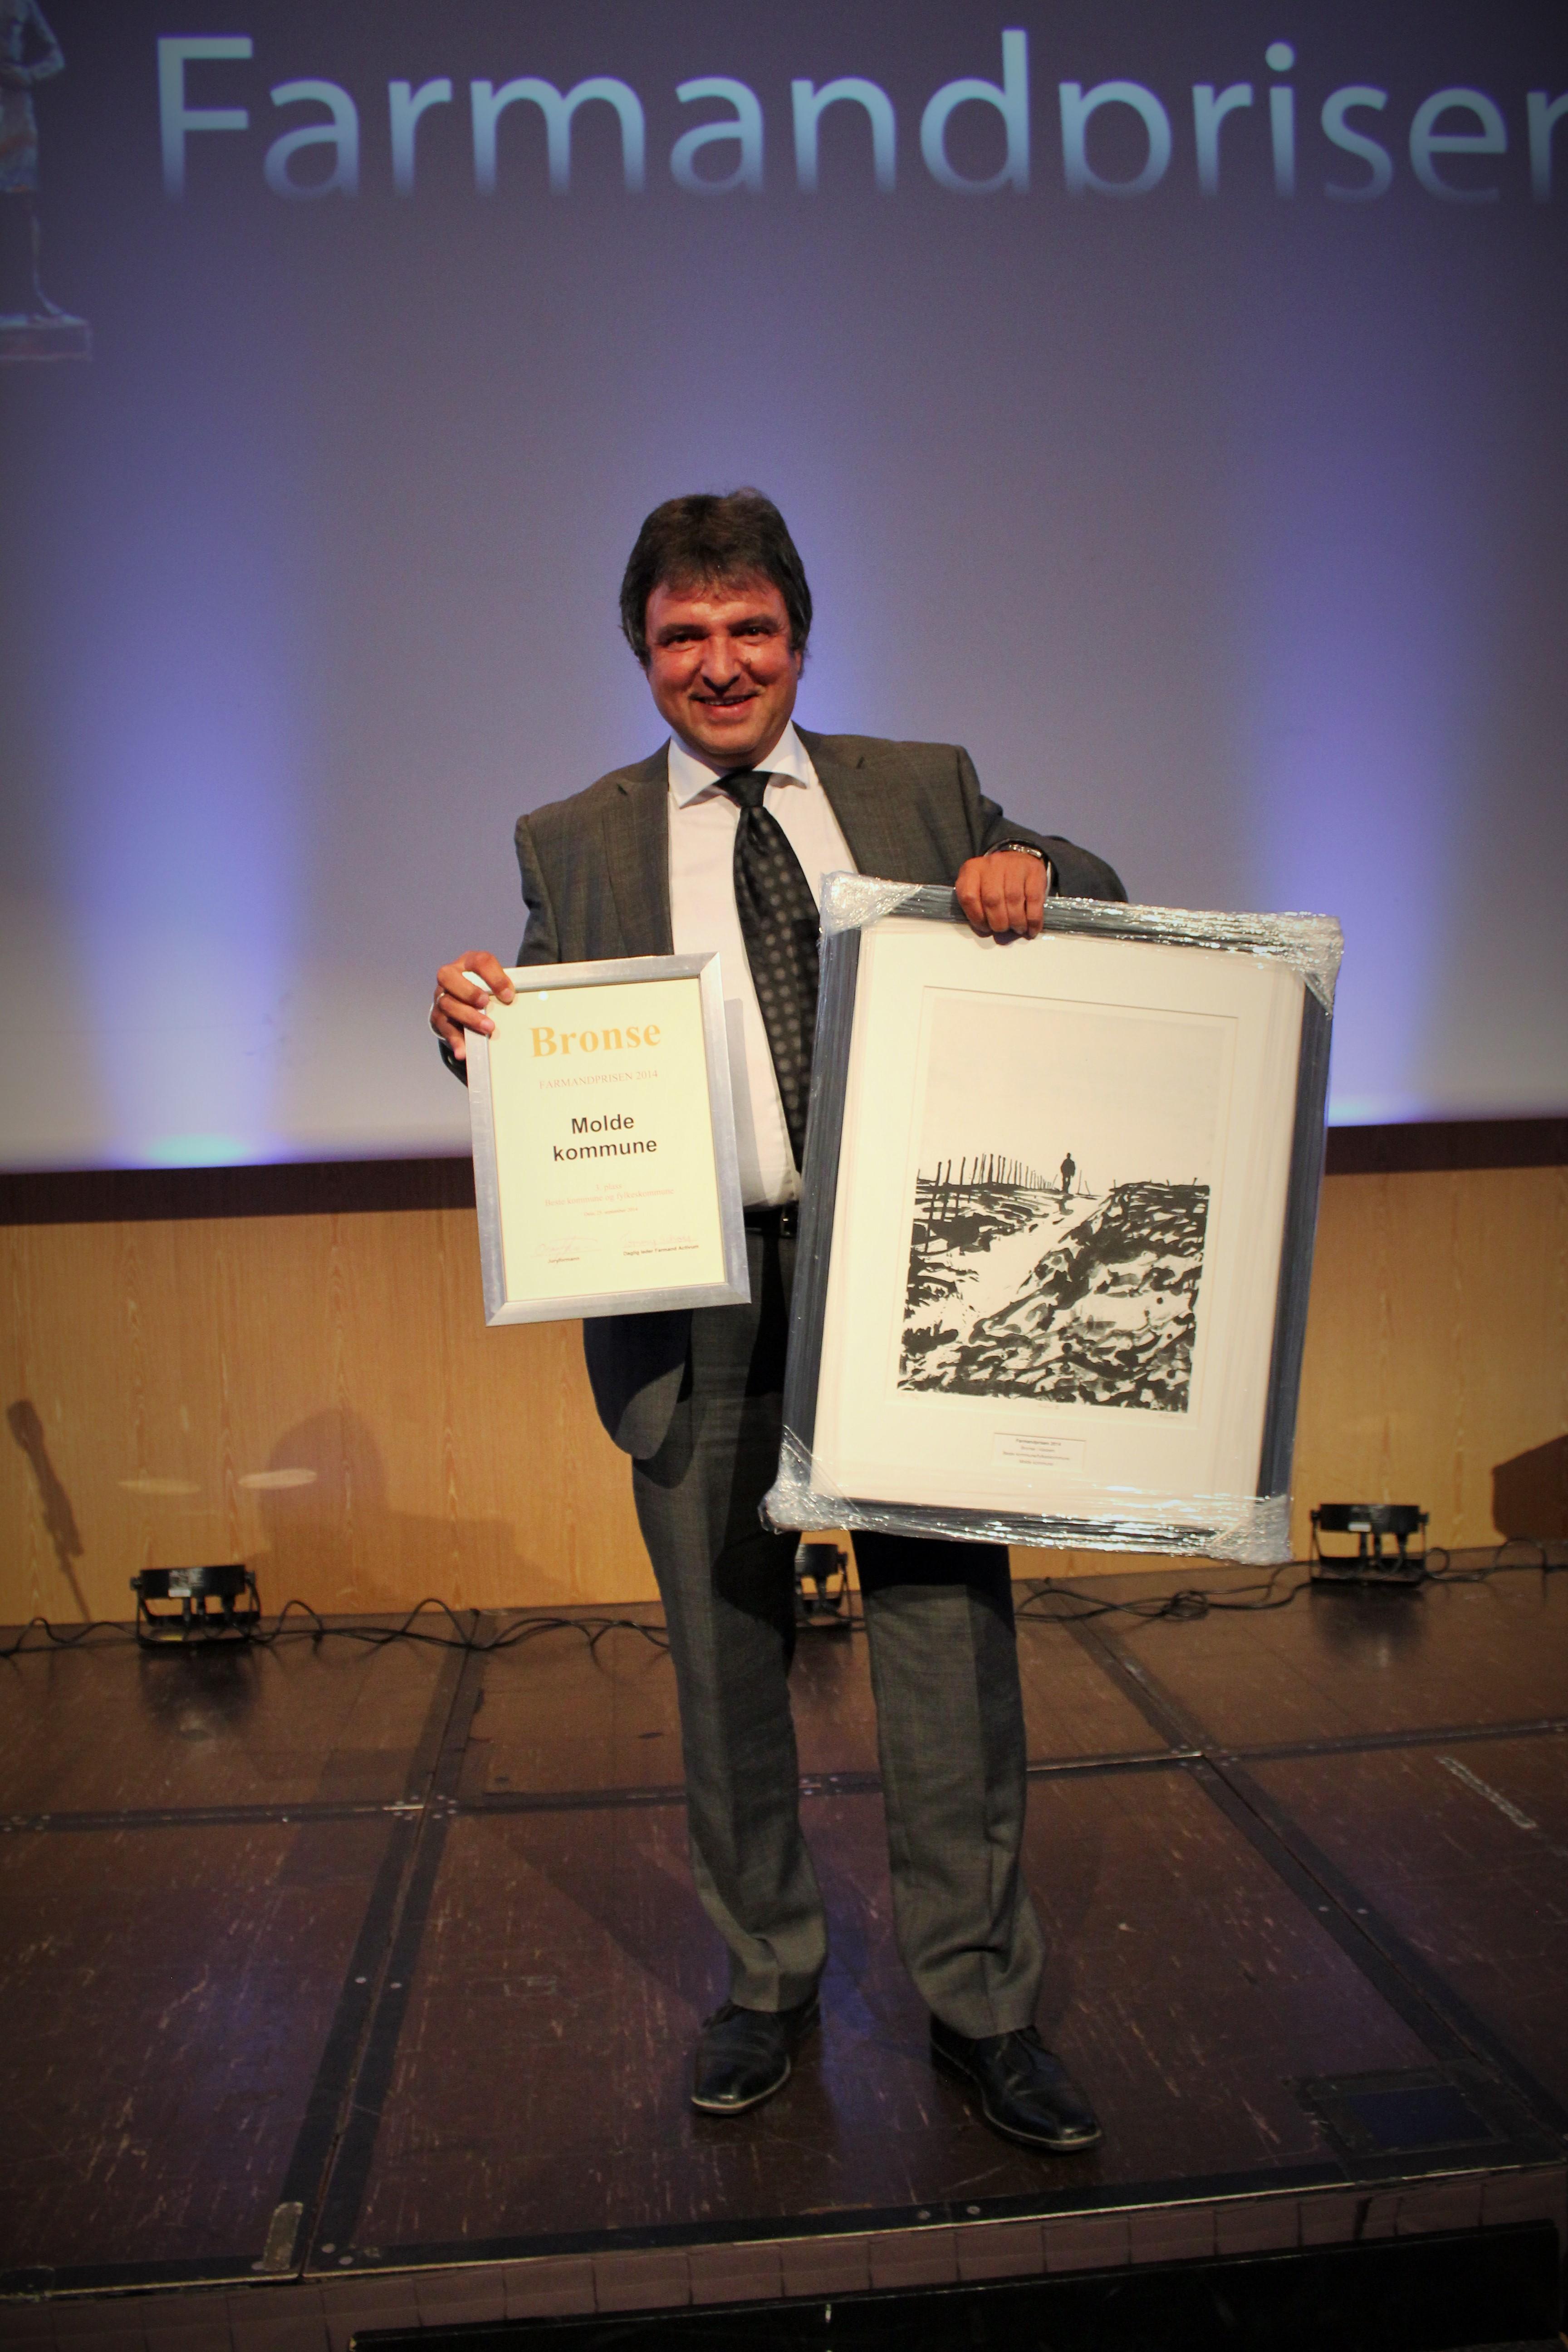 Farmandprisen Beste Årsrapport 2014 - Beste Kommune/fylkeskommune nr 3: Molde kommune